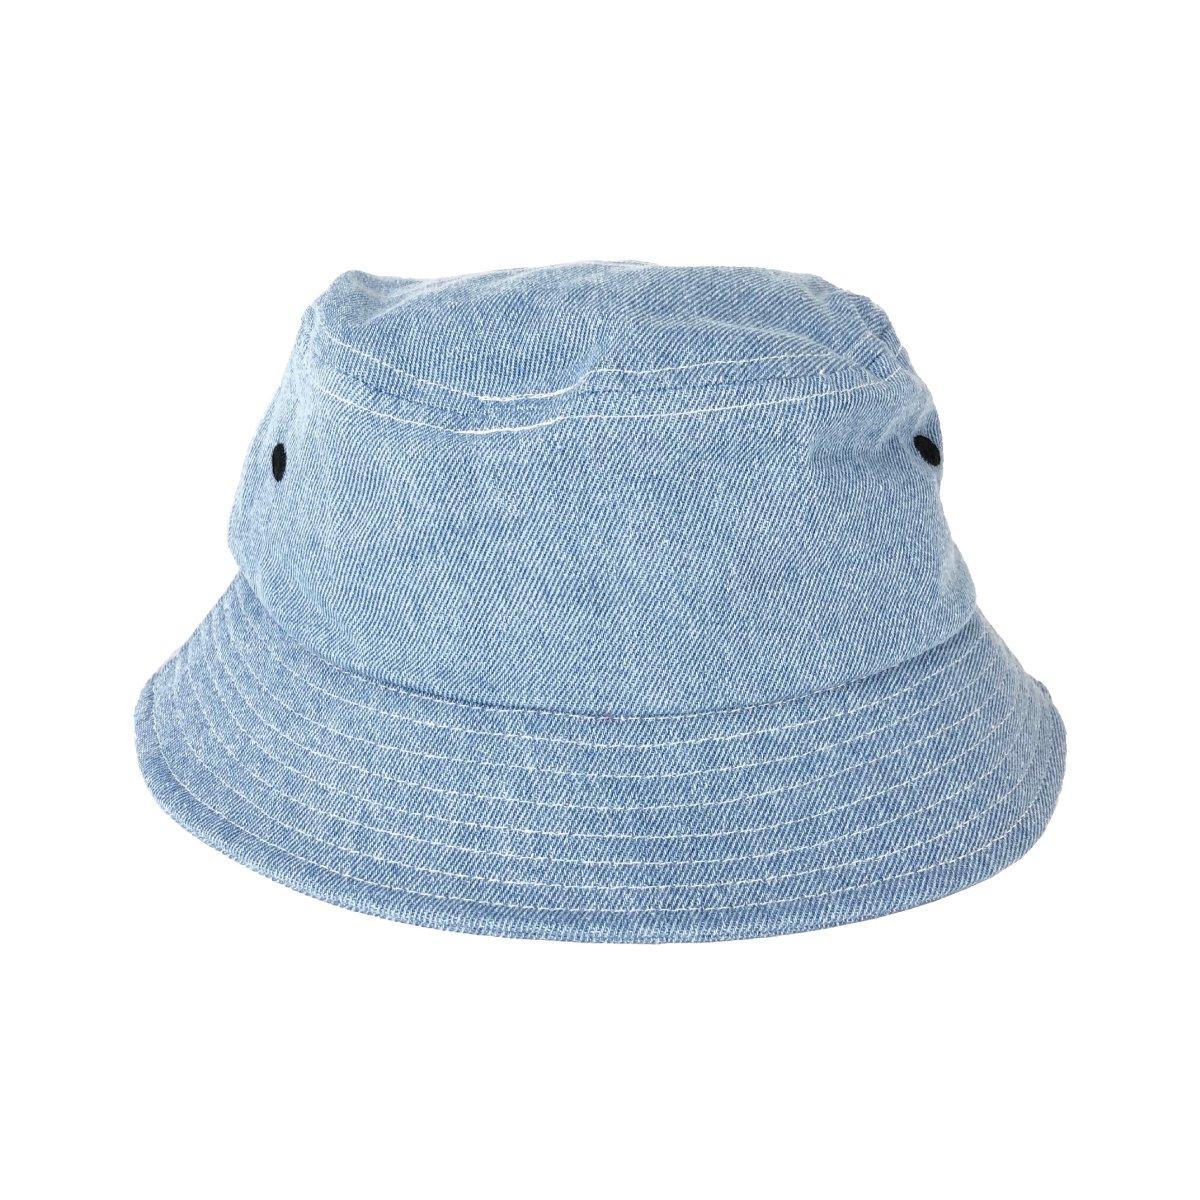 【BABY】Denim Wash Hat 詳細画像6